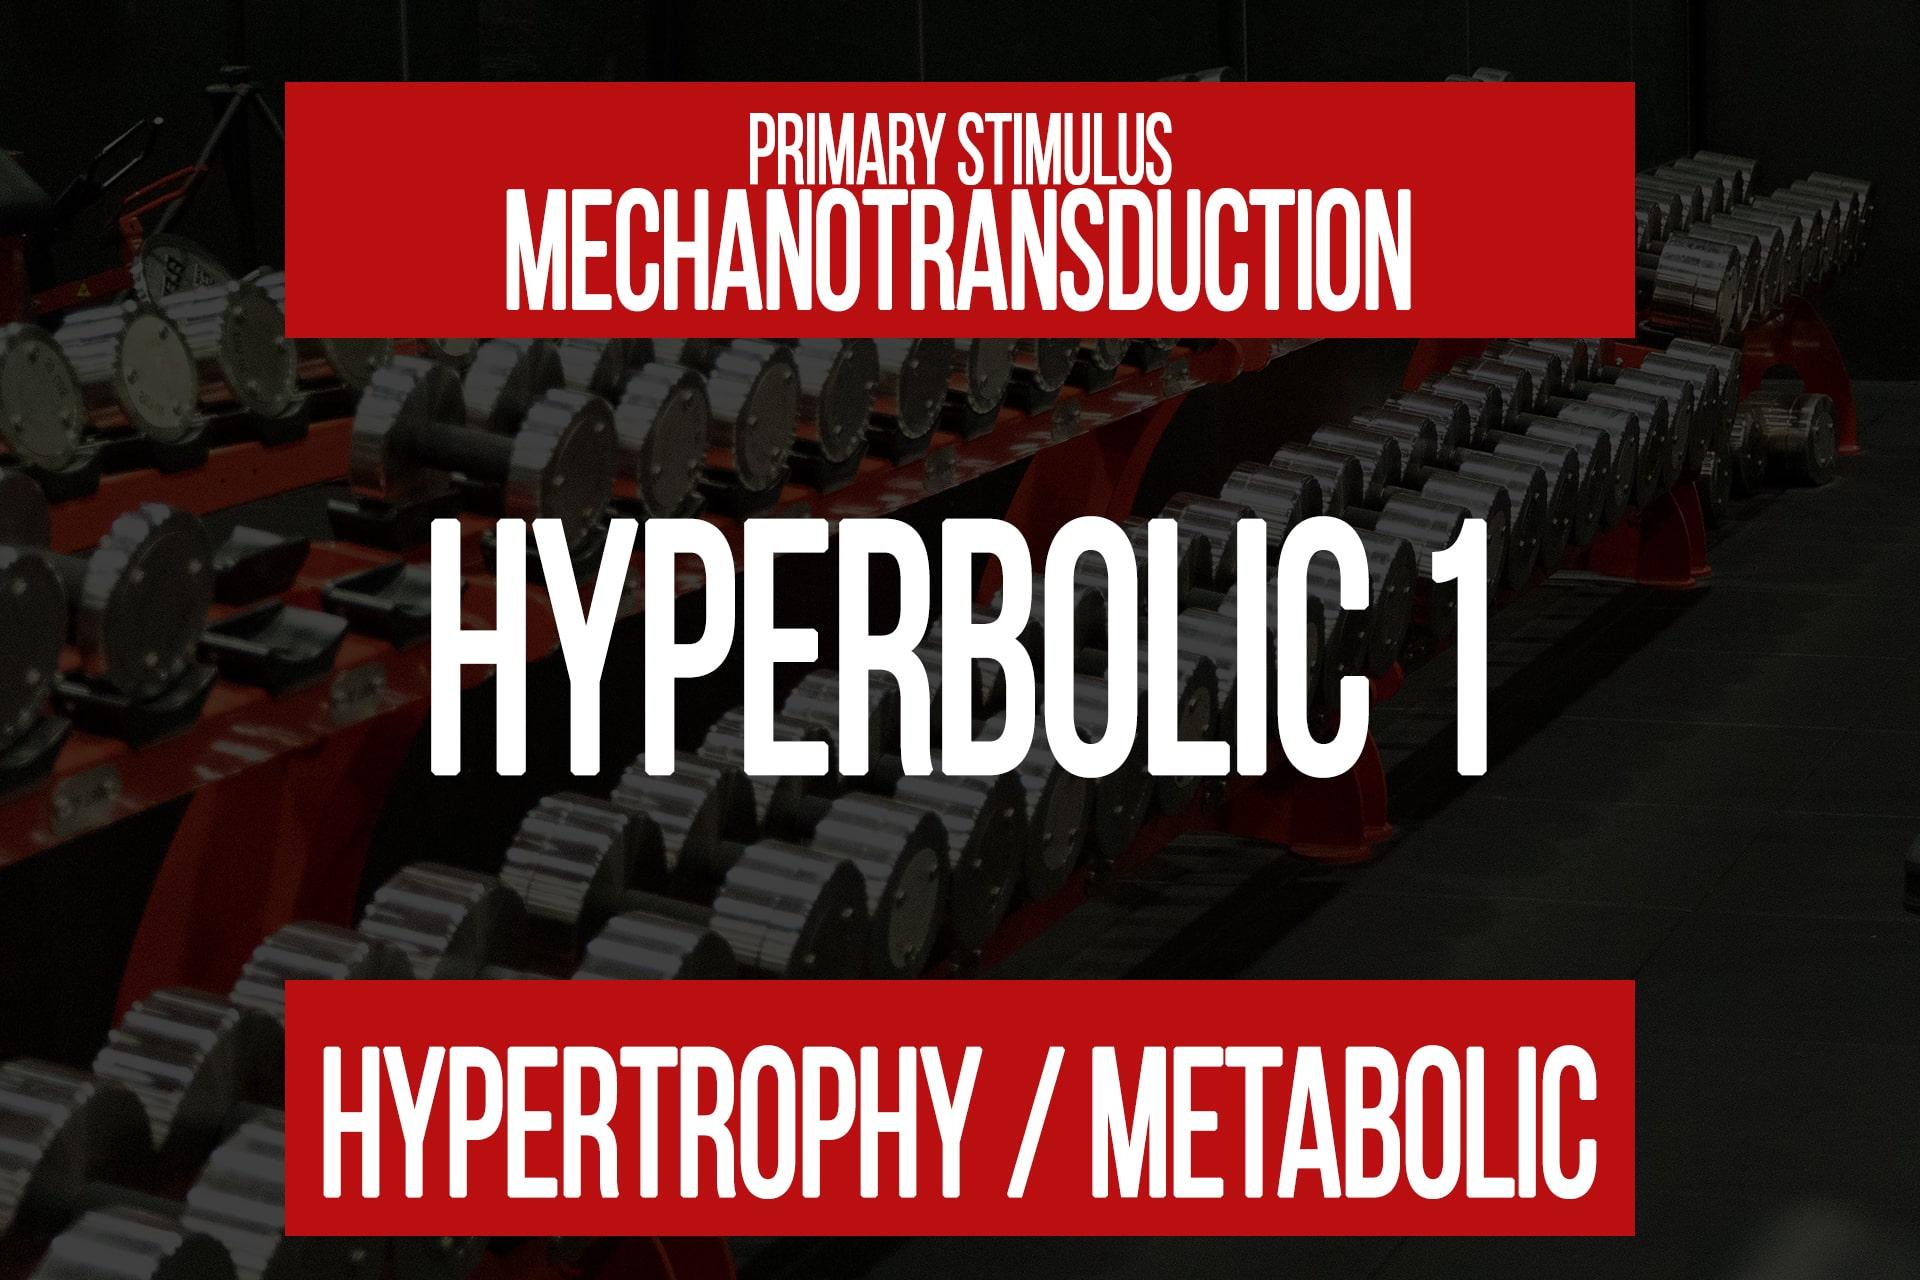 Hyperbolic 1